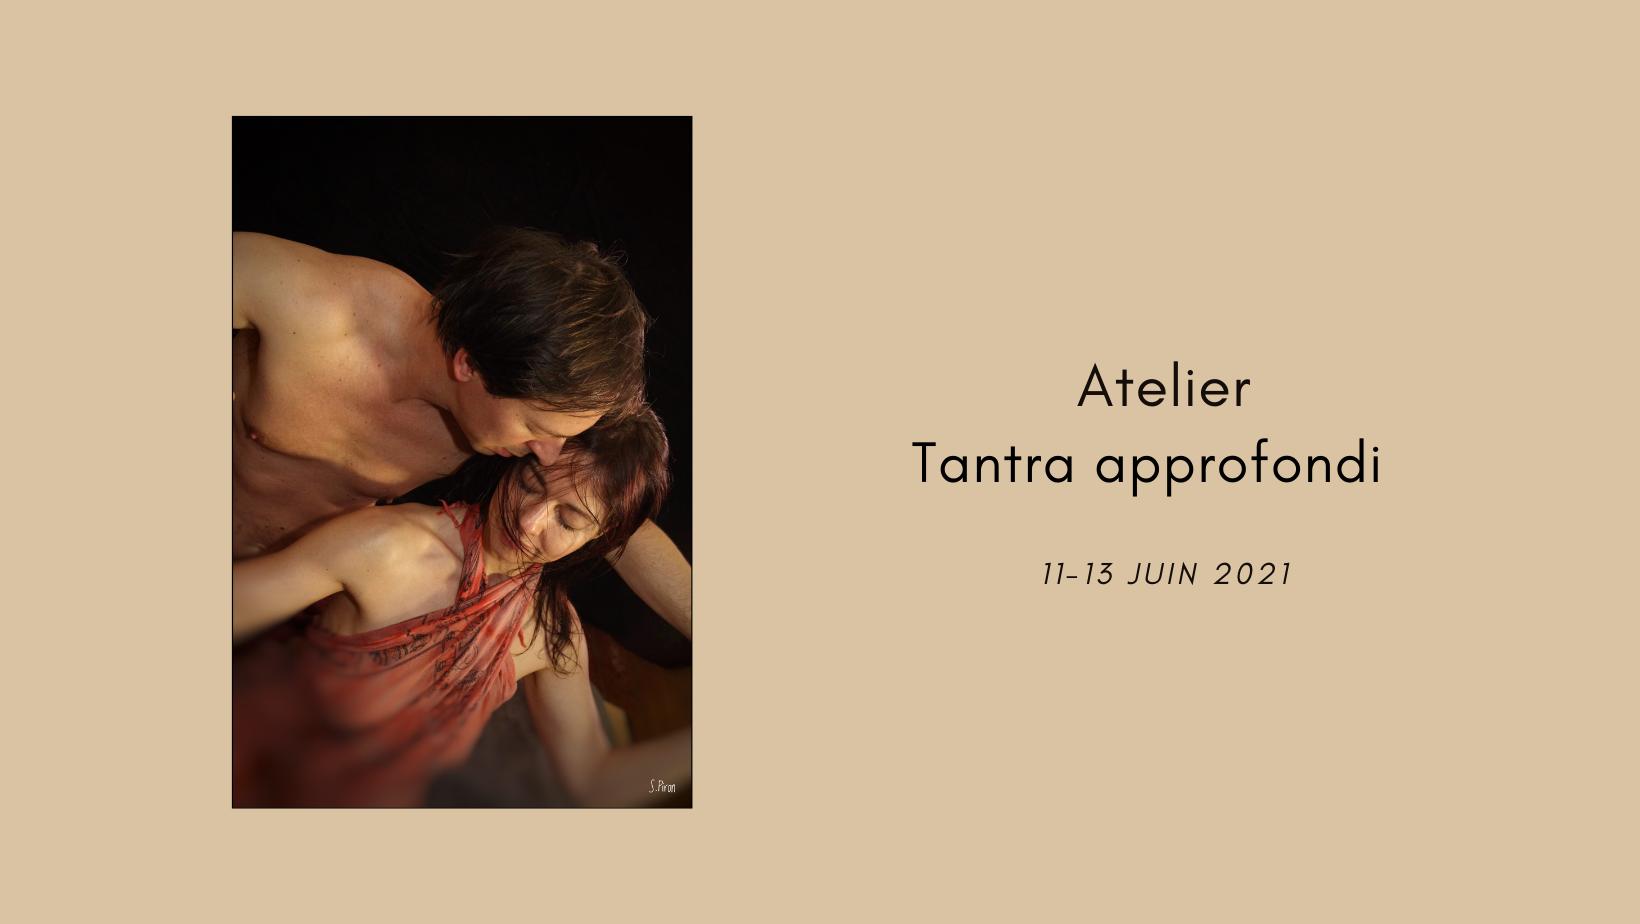 Atelier Tantra approfondi, WE en résidentiel – Juin 2021